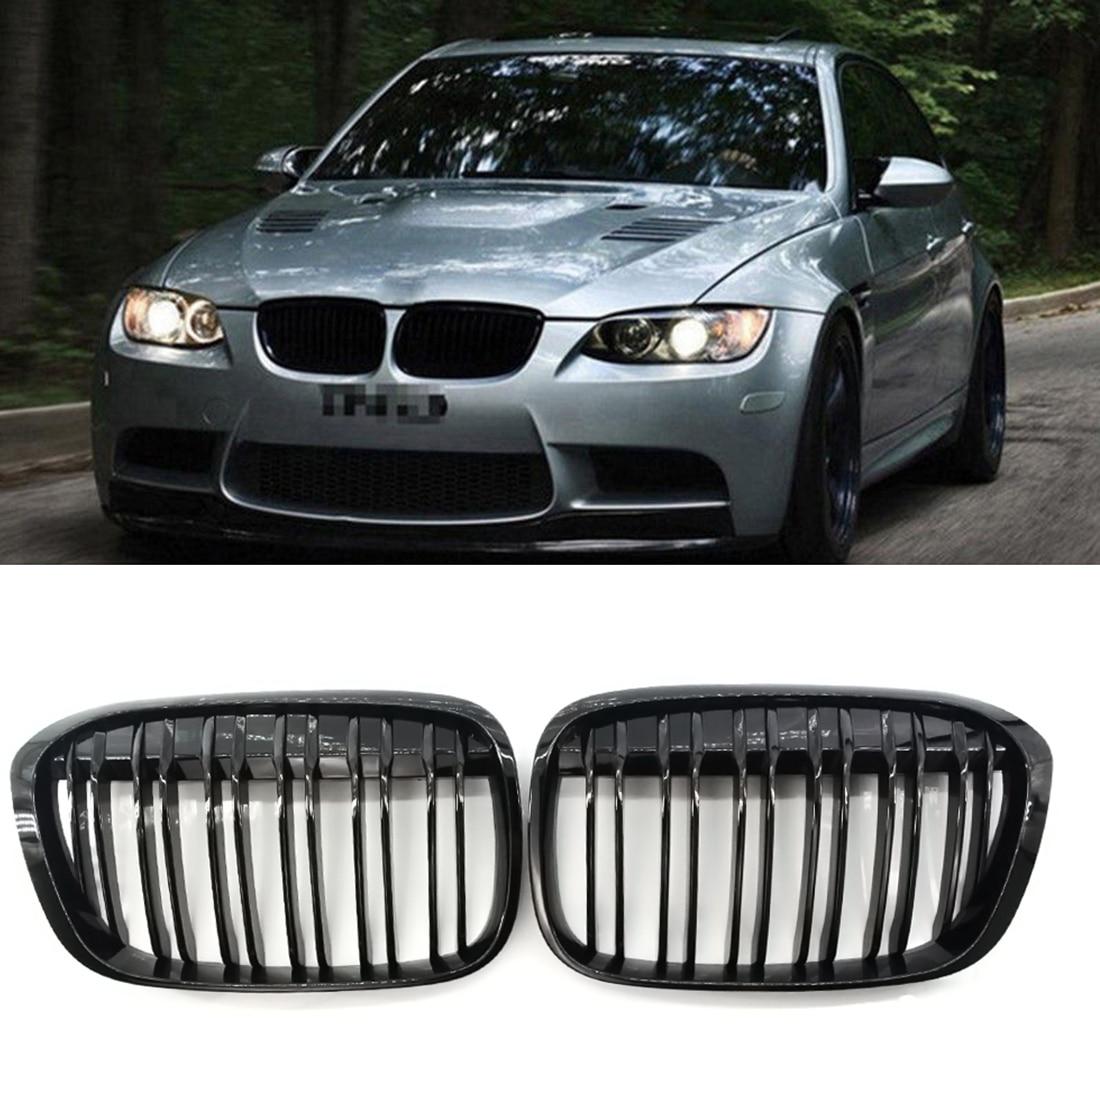 ///M couleur noir mat calandre de pare-chocs avant pour BMW E83 X3 LCI 07-10 Facelift GZ. A E83 XK L/LM/YM # D2